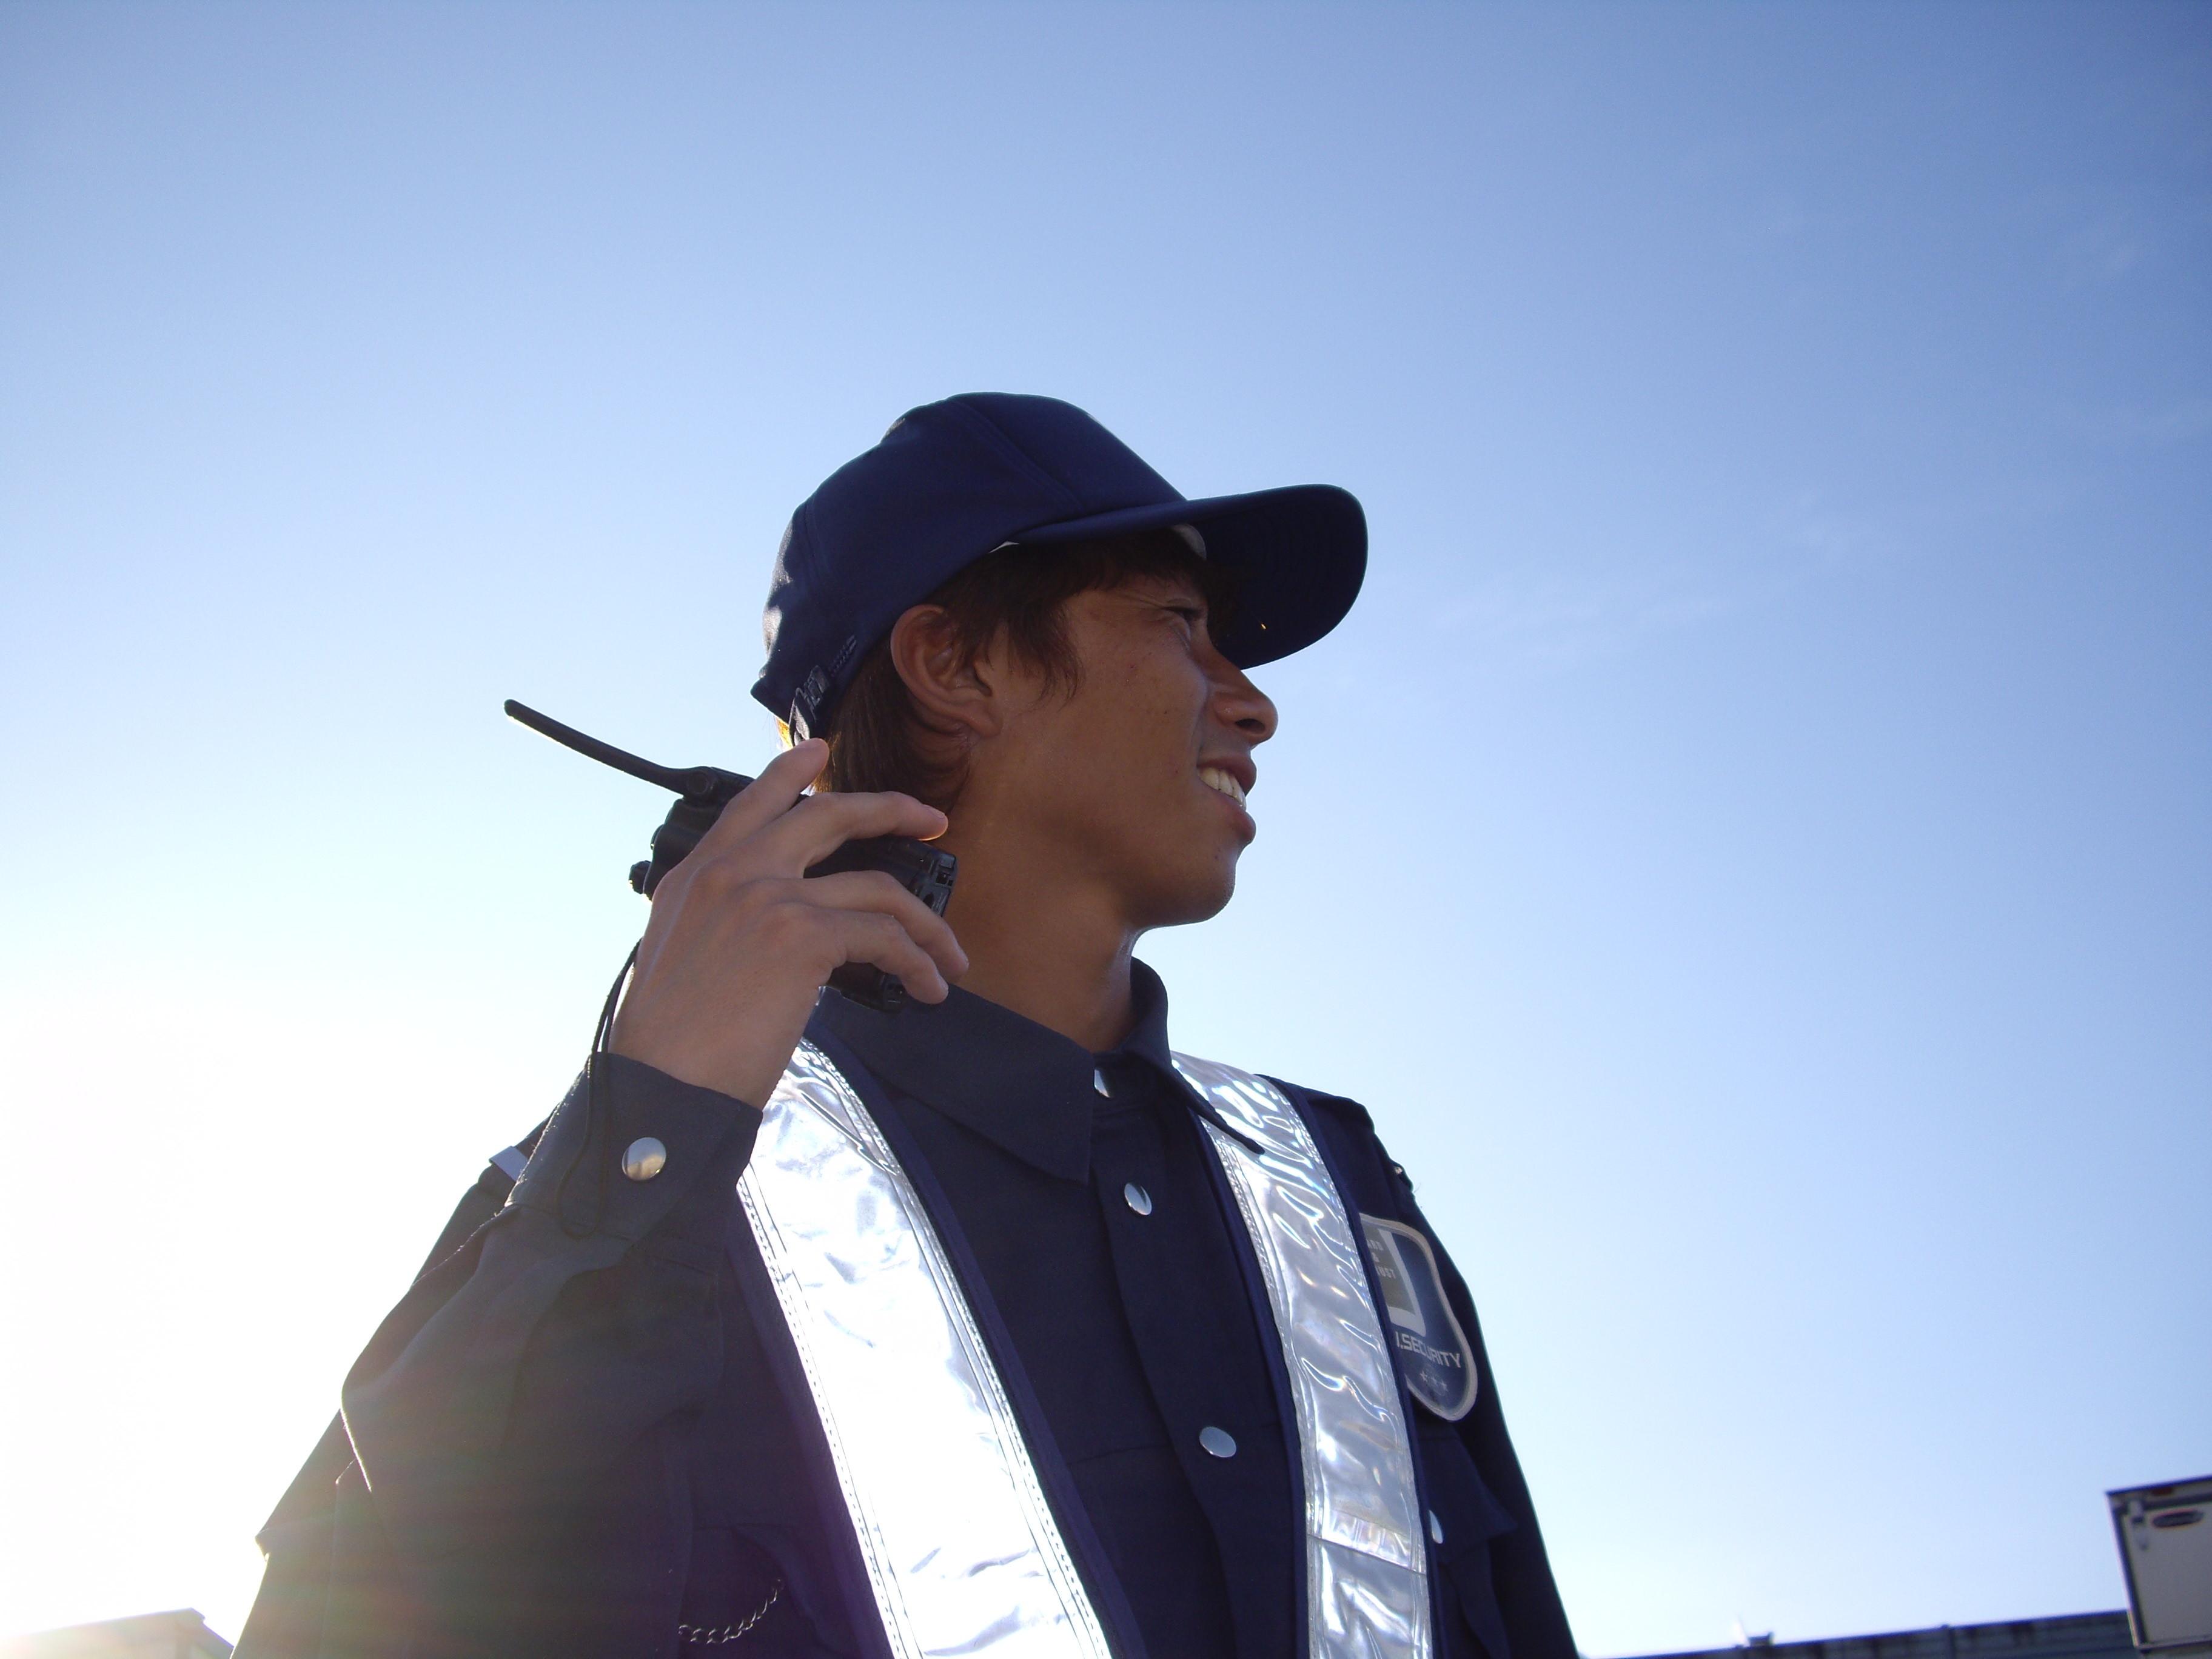 交通誘導スタッフ 新潟市西蒲区エリア 株式会社J.SECURITYのアルバイト情報